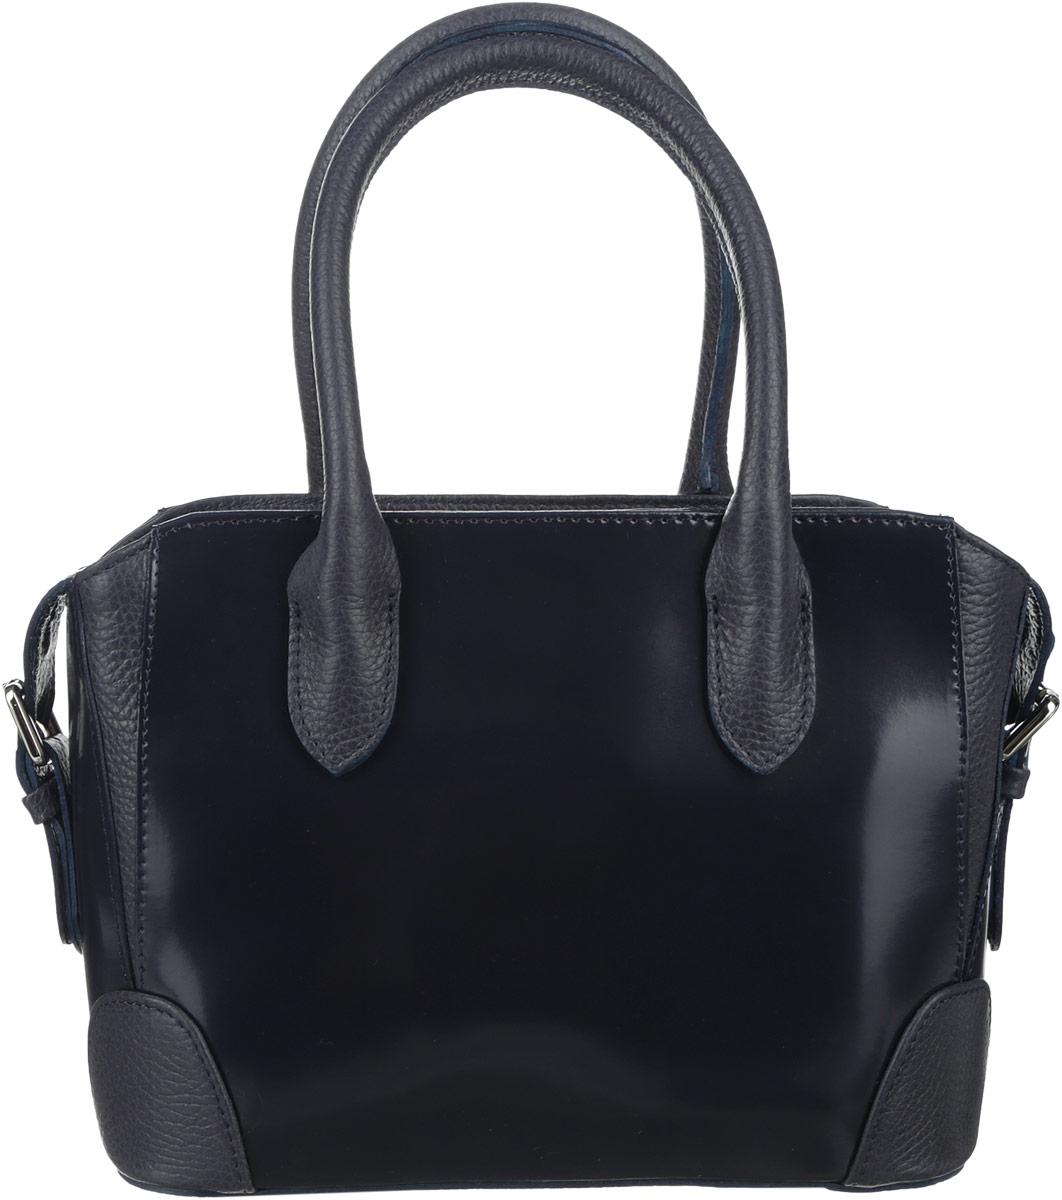 Сумка женская Afina, цвет: темно-синий. 1583-47660-00504Стильная сумка Afina выполнена из натуральной кожи с зернистой фактурой, дополнена вставками из лакированной кожи и металлической фурнитурой.Изделие содержит одно отделение, которое закрывается на молнию. Внутри расположены два накладных кармана, врезной карман, закрывающийся на молнию. Задняя сторона сумки дополнена врезным карманом на молнии. Изделие дополнено съемным плечевым ремнем регулируемой длины и двумя практичными ручками. Дно сумки оснащено металлическими ножками.Сумка Afina прекрасно дополнит образ и подчеркнет ваш неповторимый стиль.